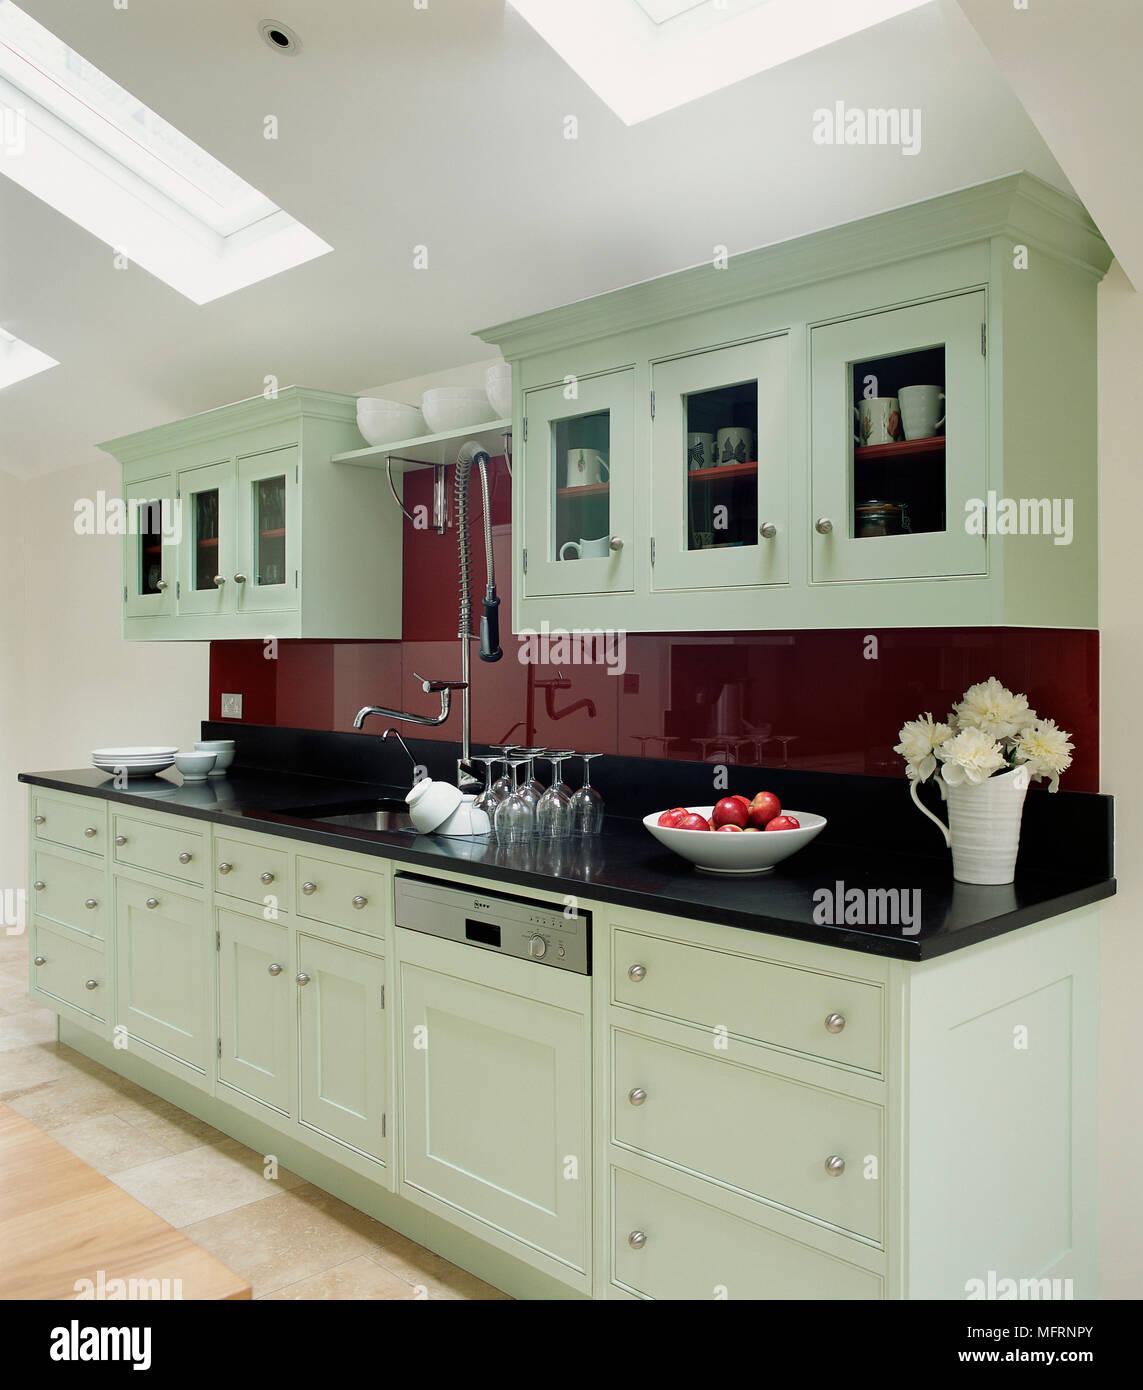 Moderne Küche Im Landhausstil Mit Schwarzer Arbeitsplatte Und